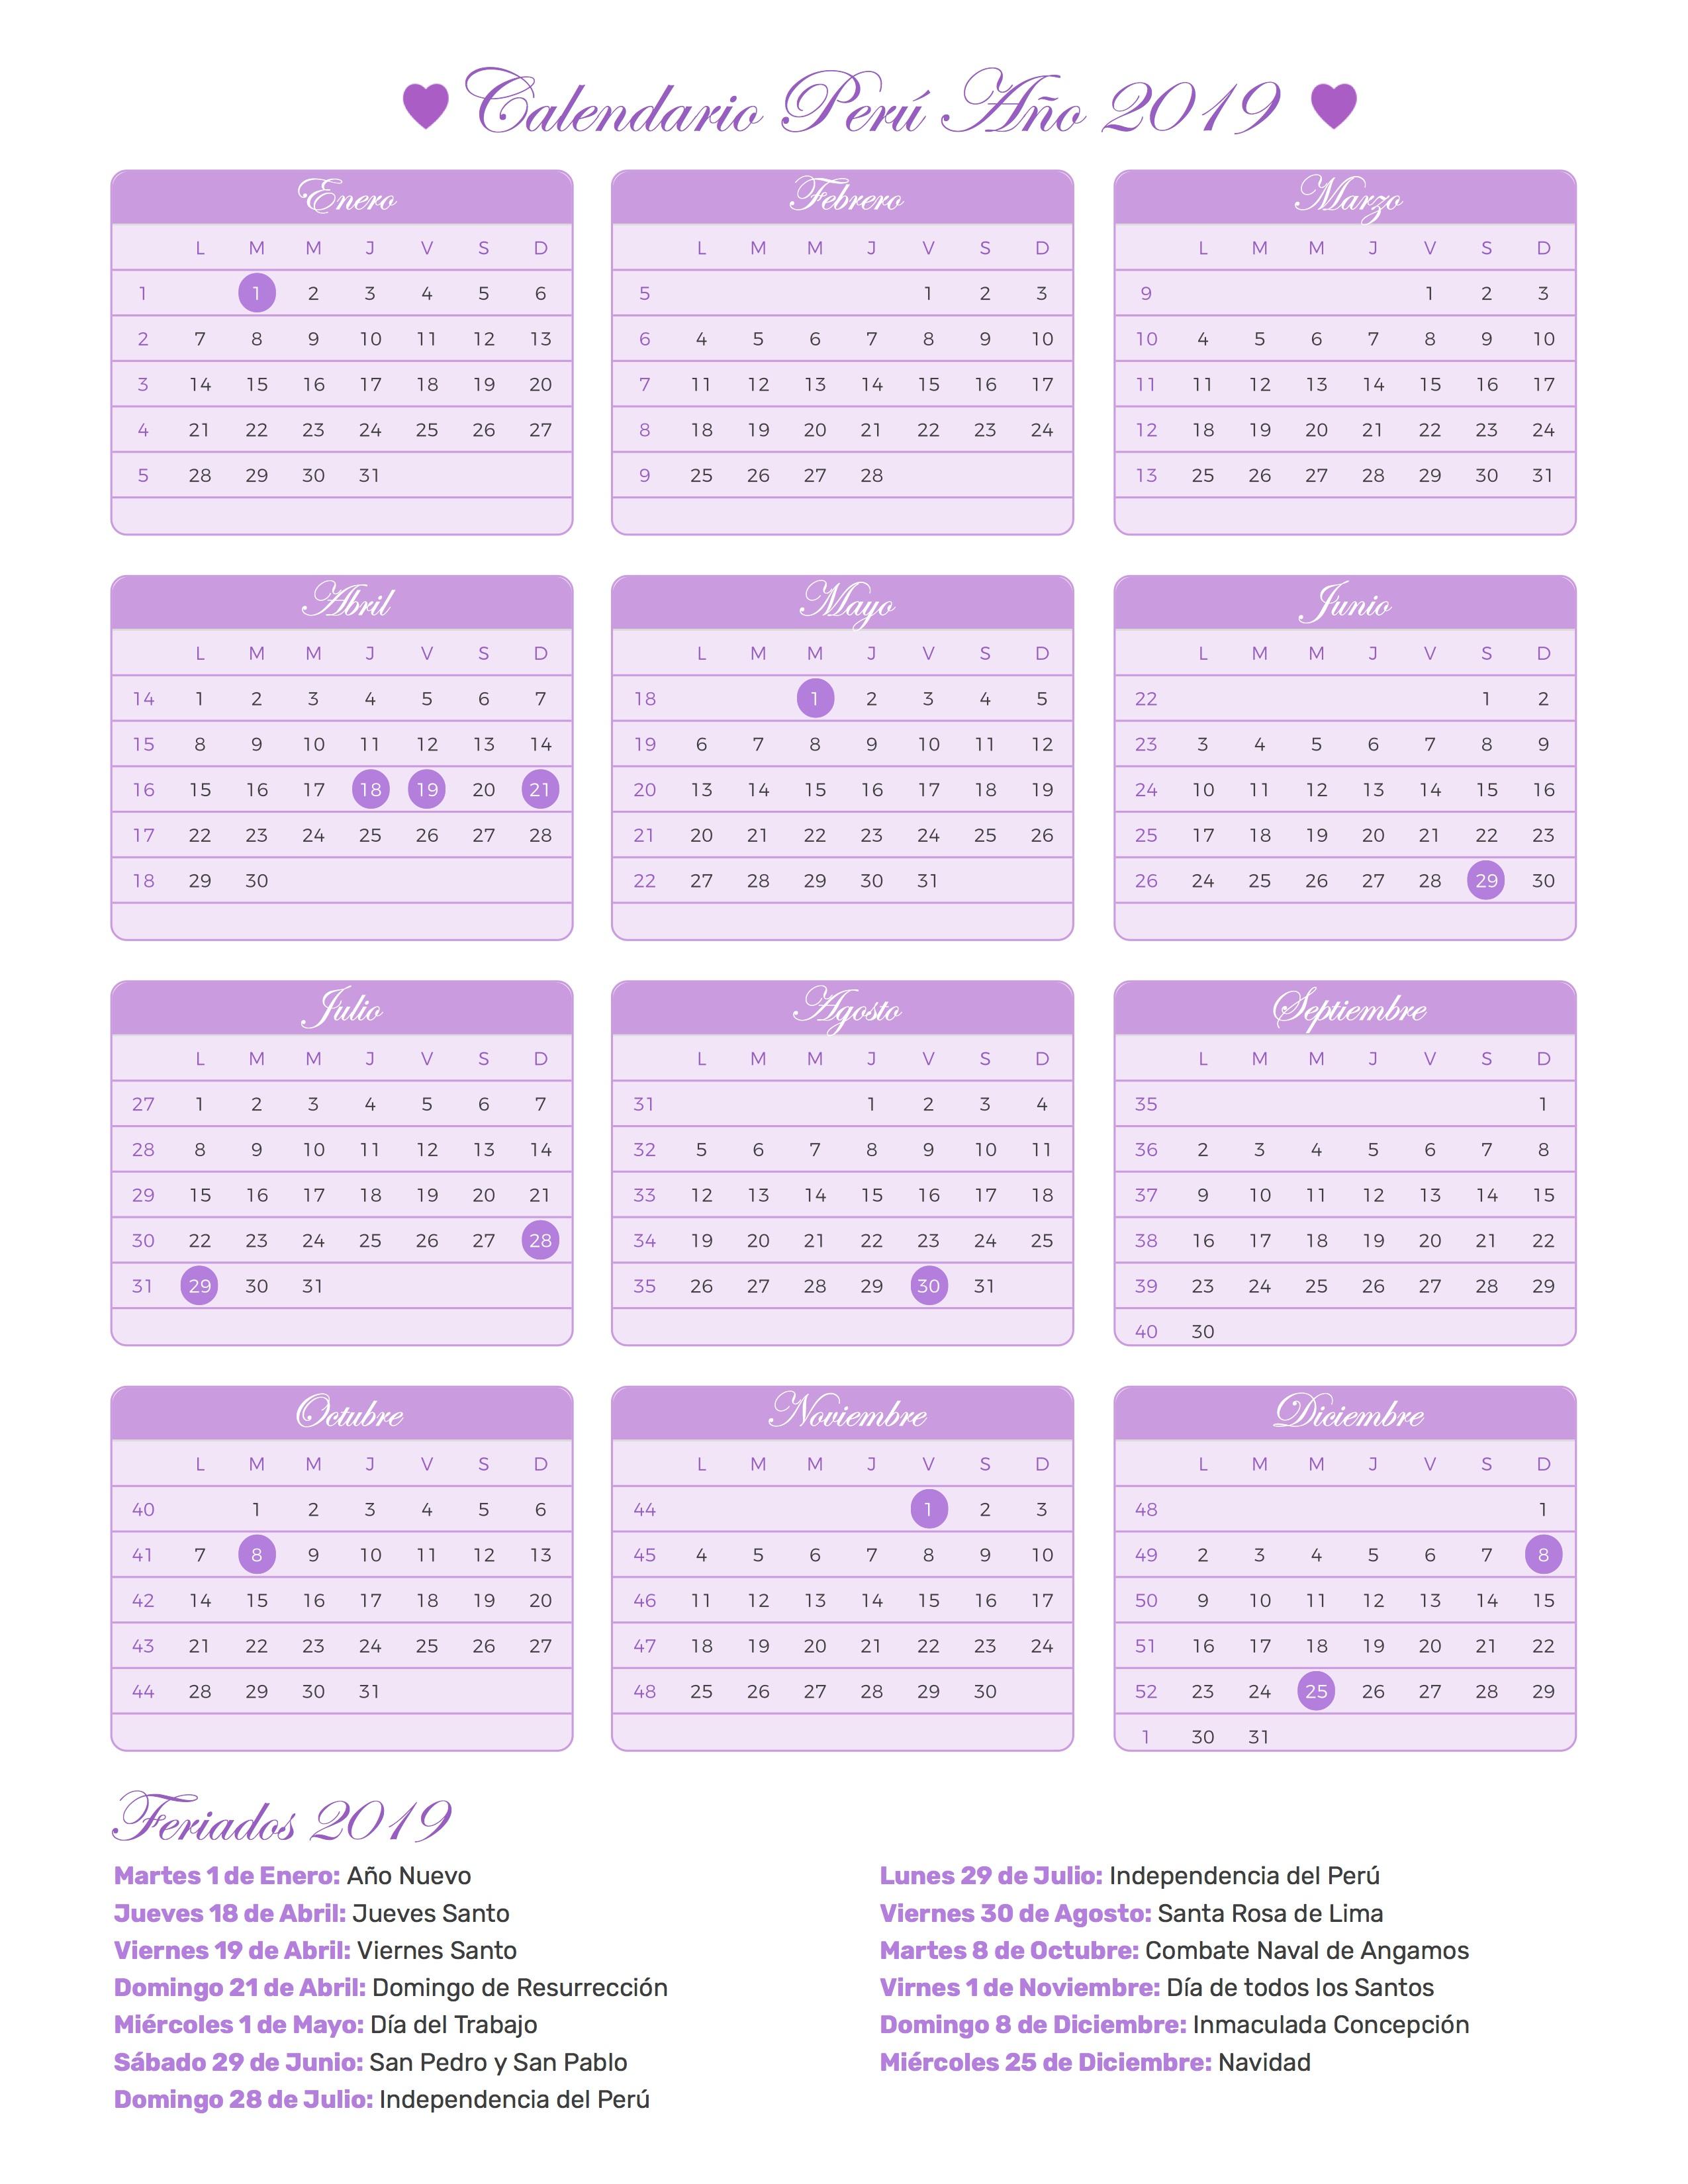 Calendario Agosto 2019 Peru.Calendario De Peru Ano 2019 Feriados